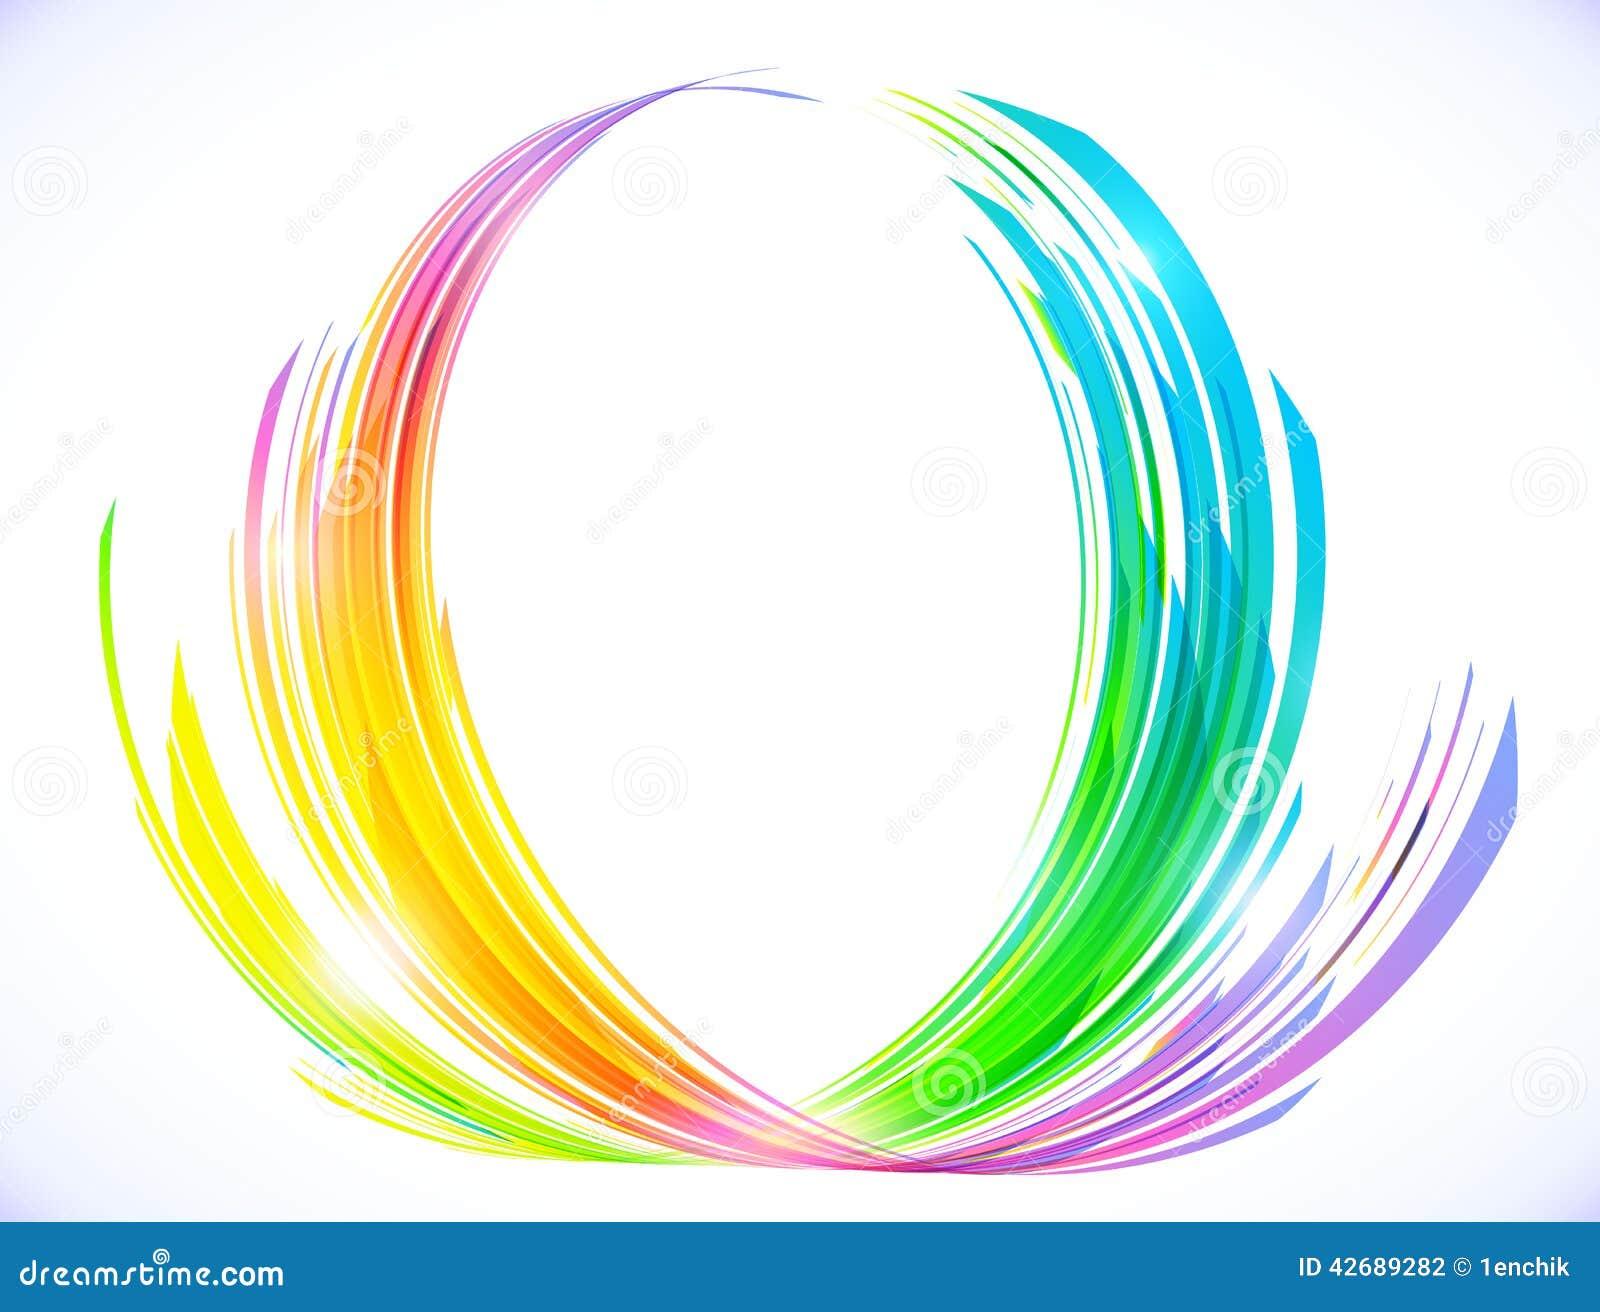 l 39 arc en ciel colore le symbole abstrait de fleur de lotus illustration de vecteur image 42689282. Black Bedroom Furniture Sets. Home Design Ideas